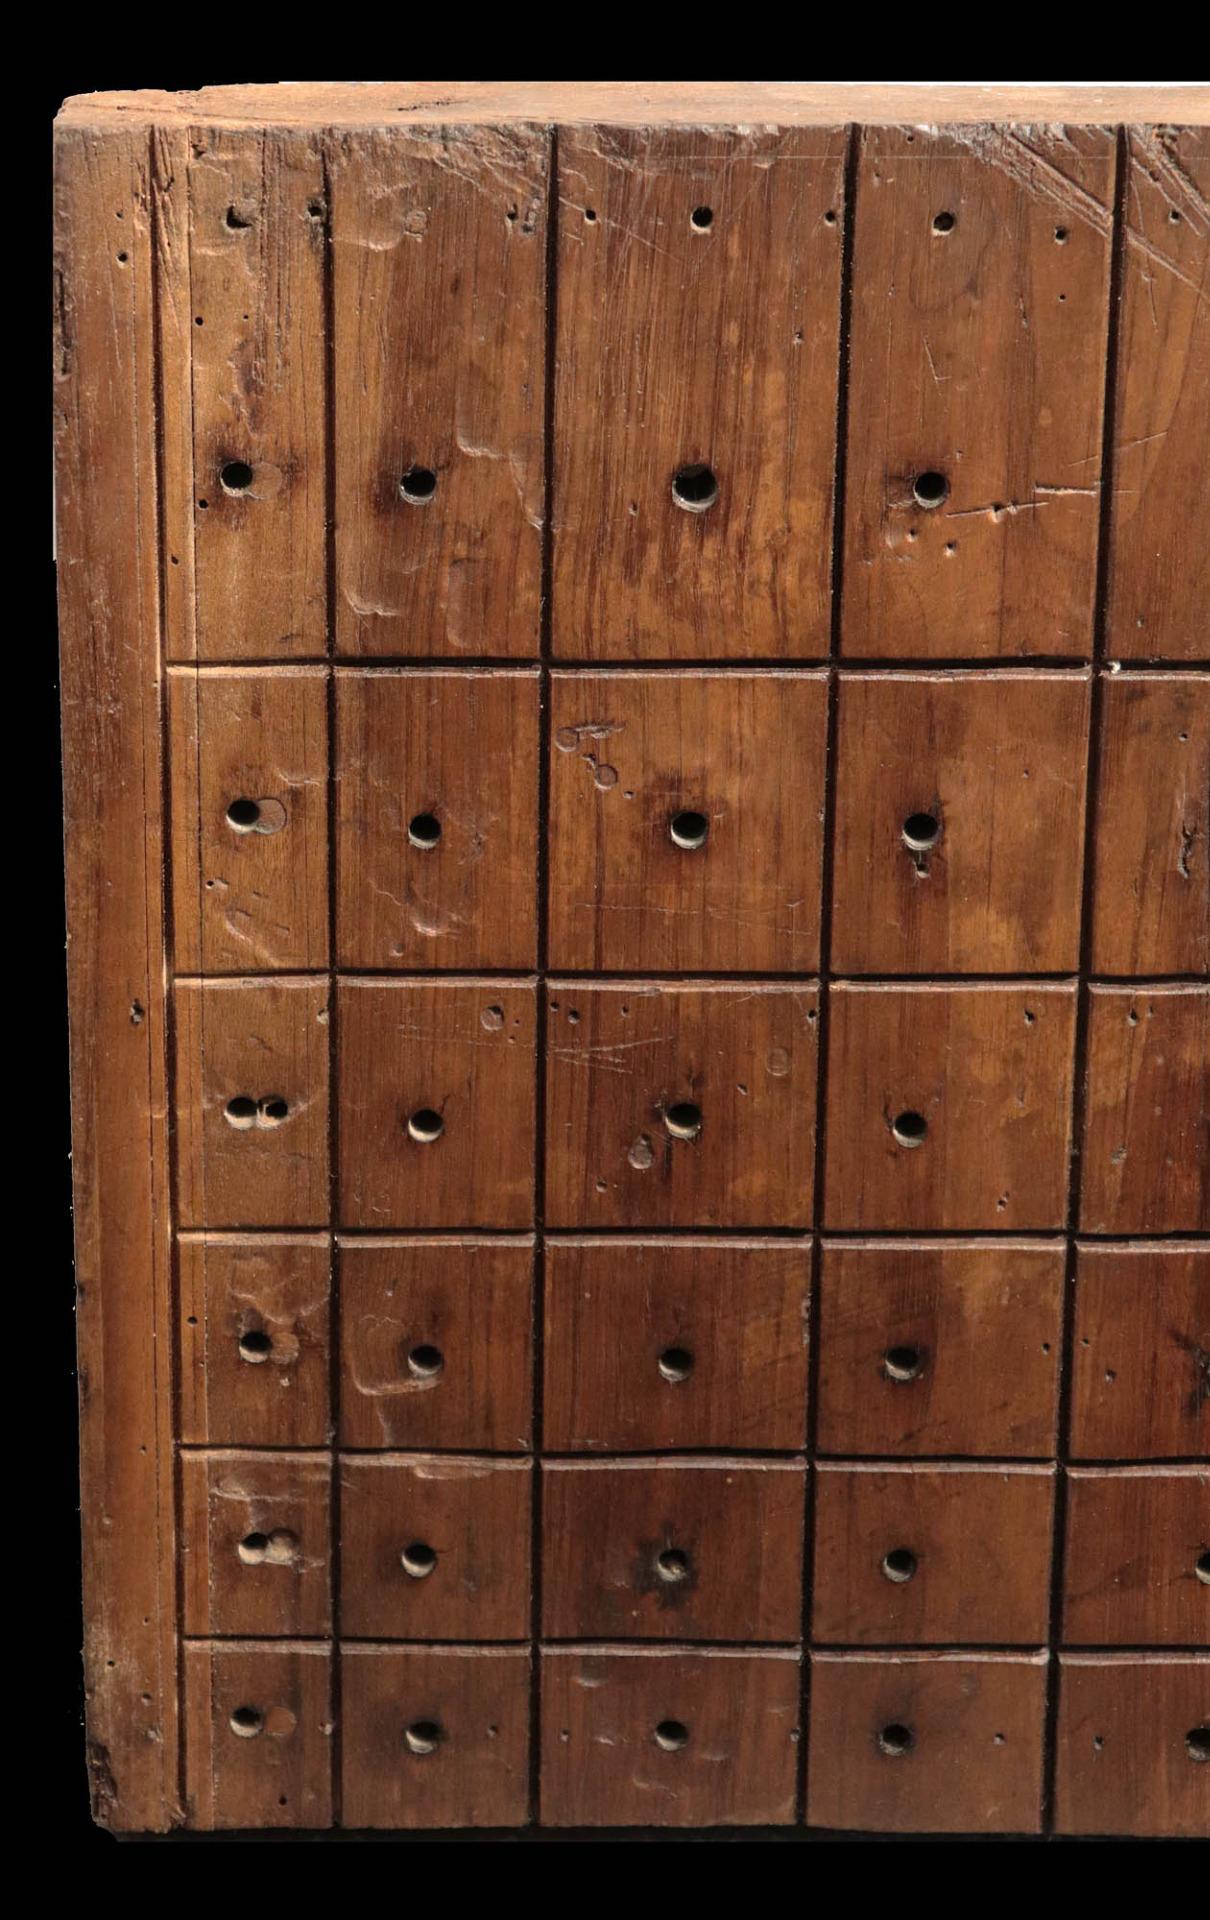 thumb3 Pannello parte di organo. Toscana, Sec. XVI